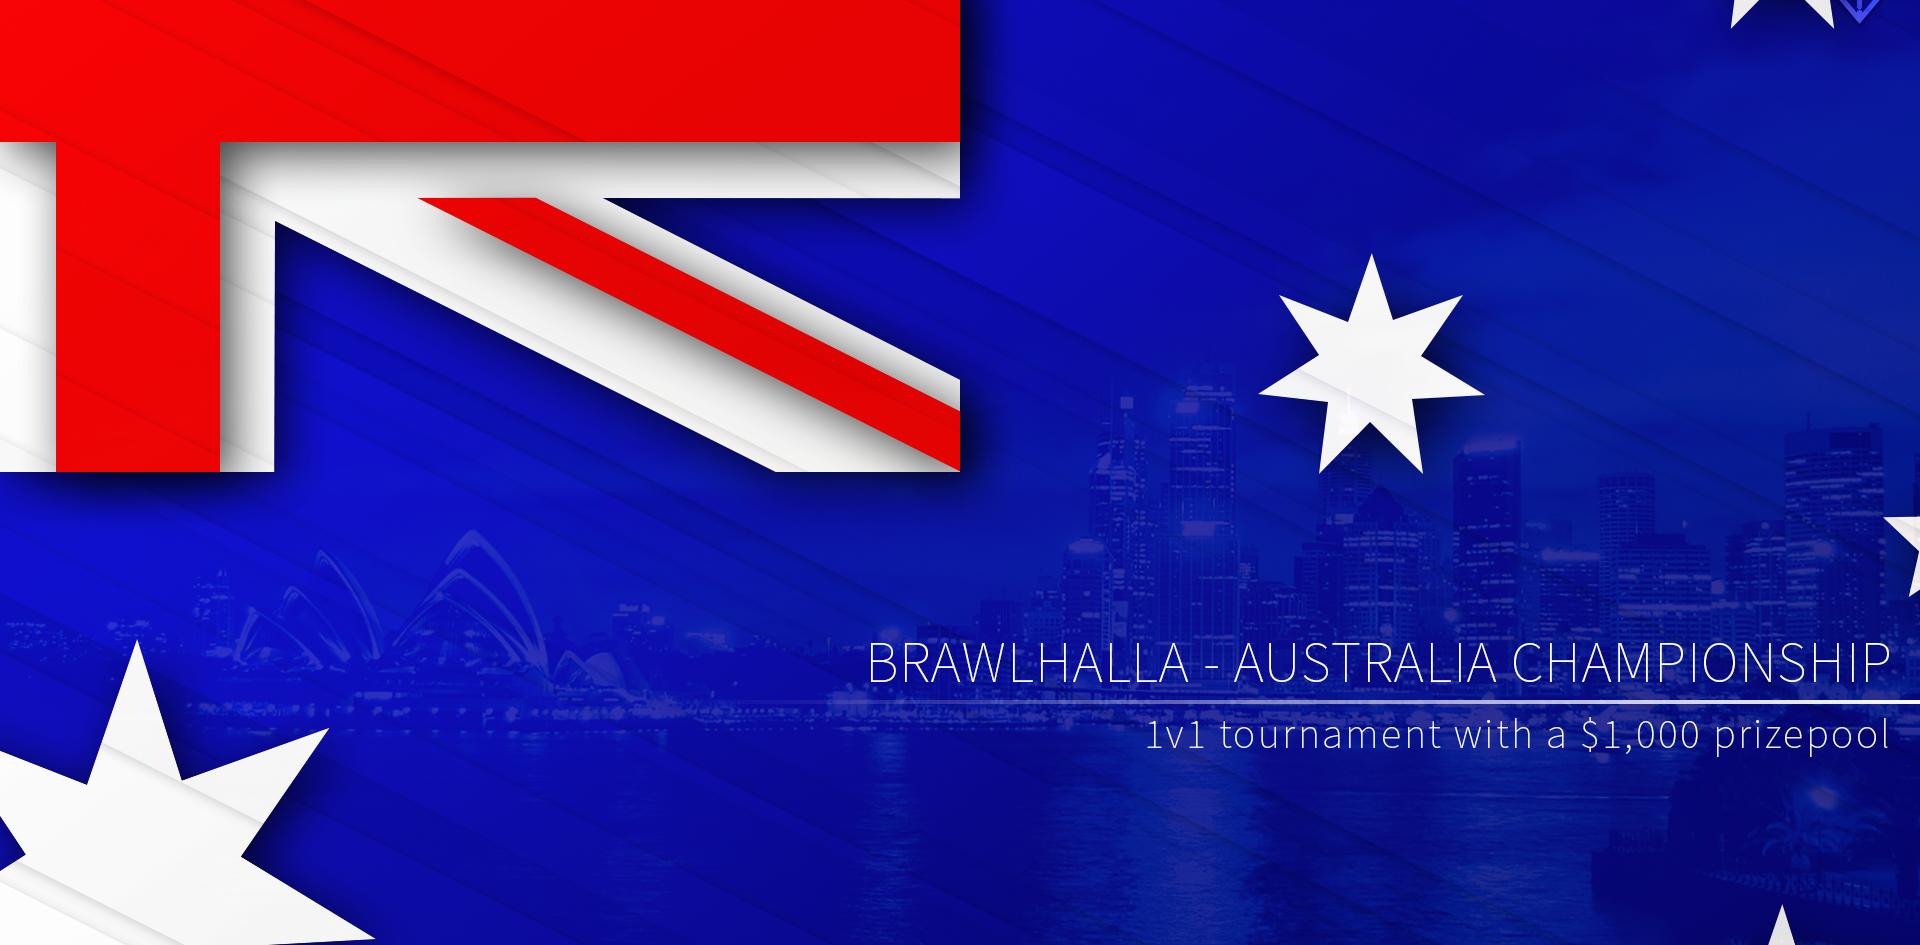 Australia Championship